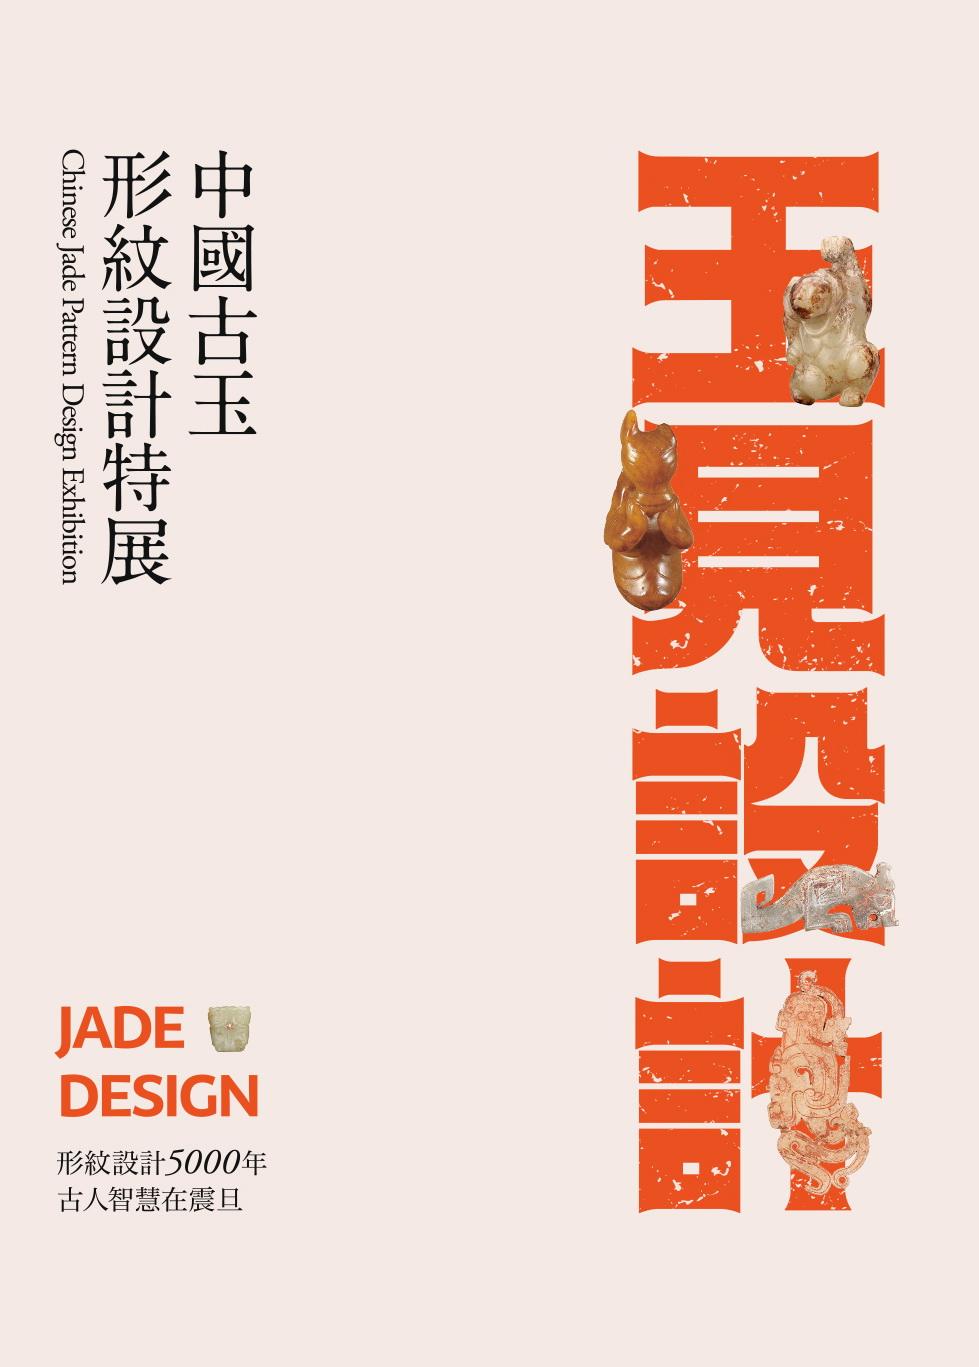 《玉見設計─中國古玉形紋設計特展》2018年6月出版